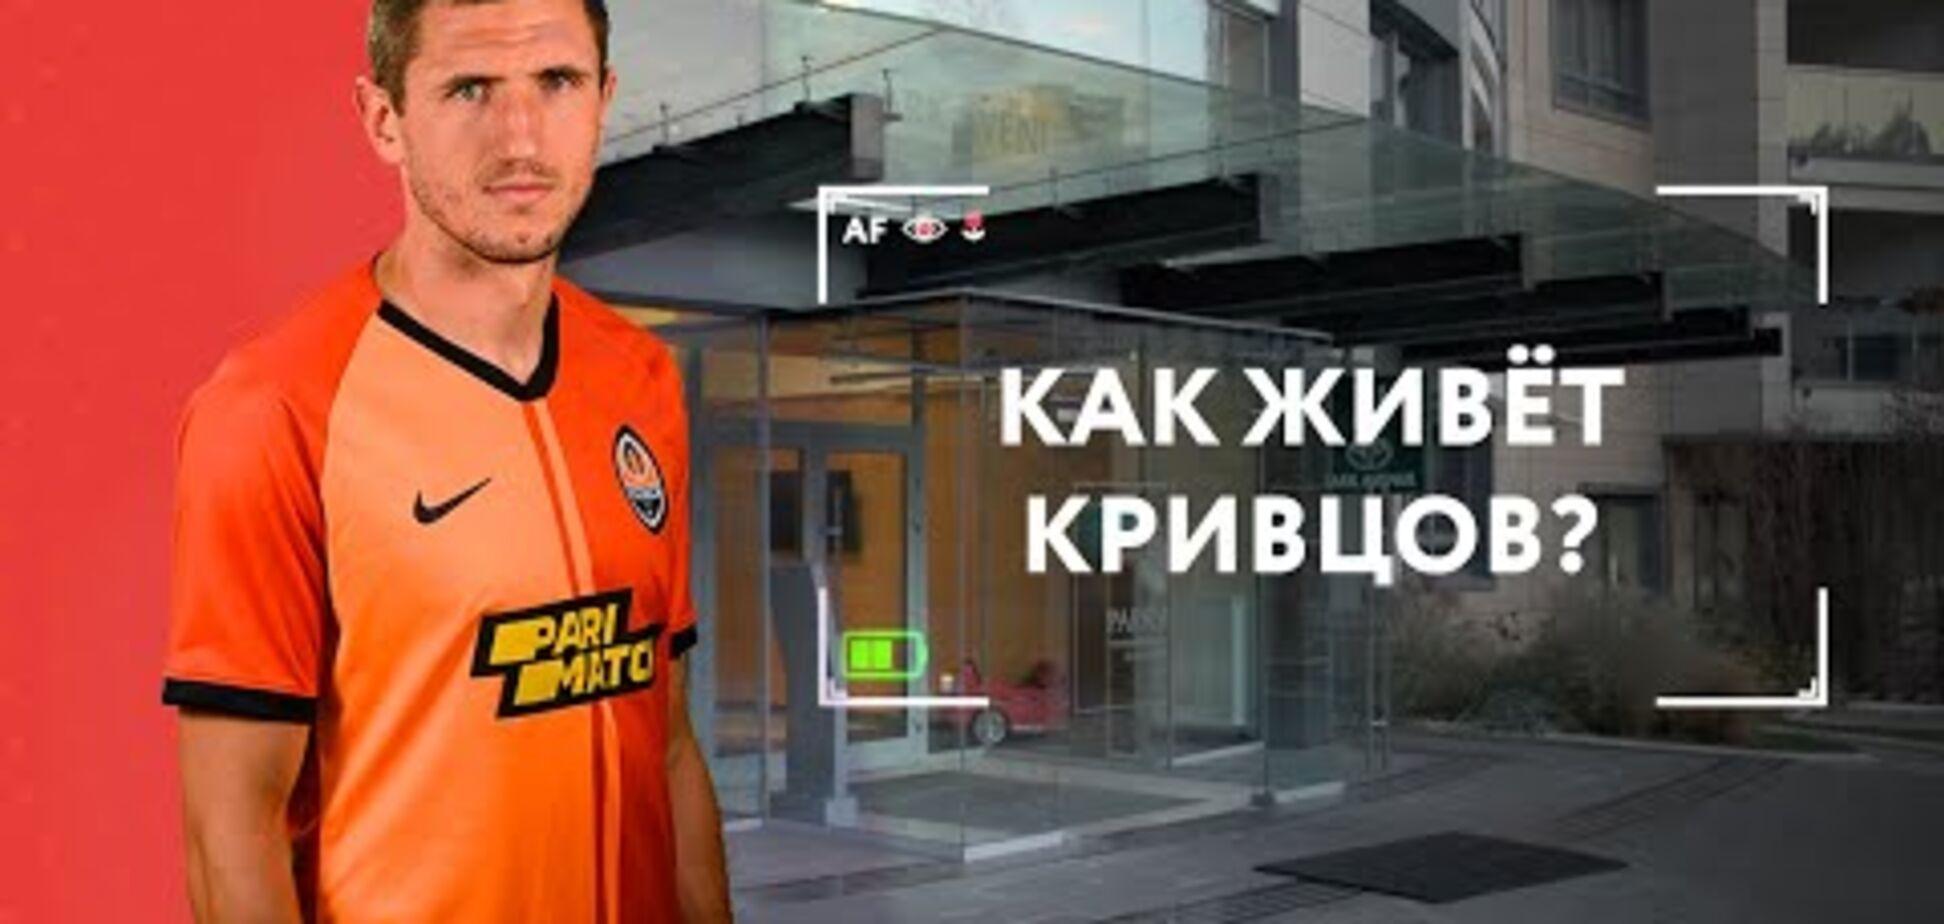 'Жил в бандитском районе': игрок сборной Украины откровенно рассказал о жизни